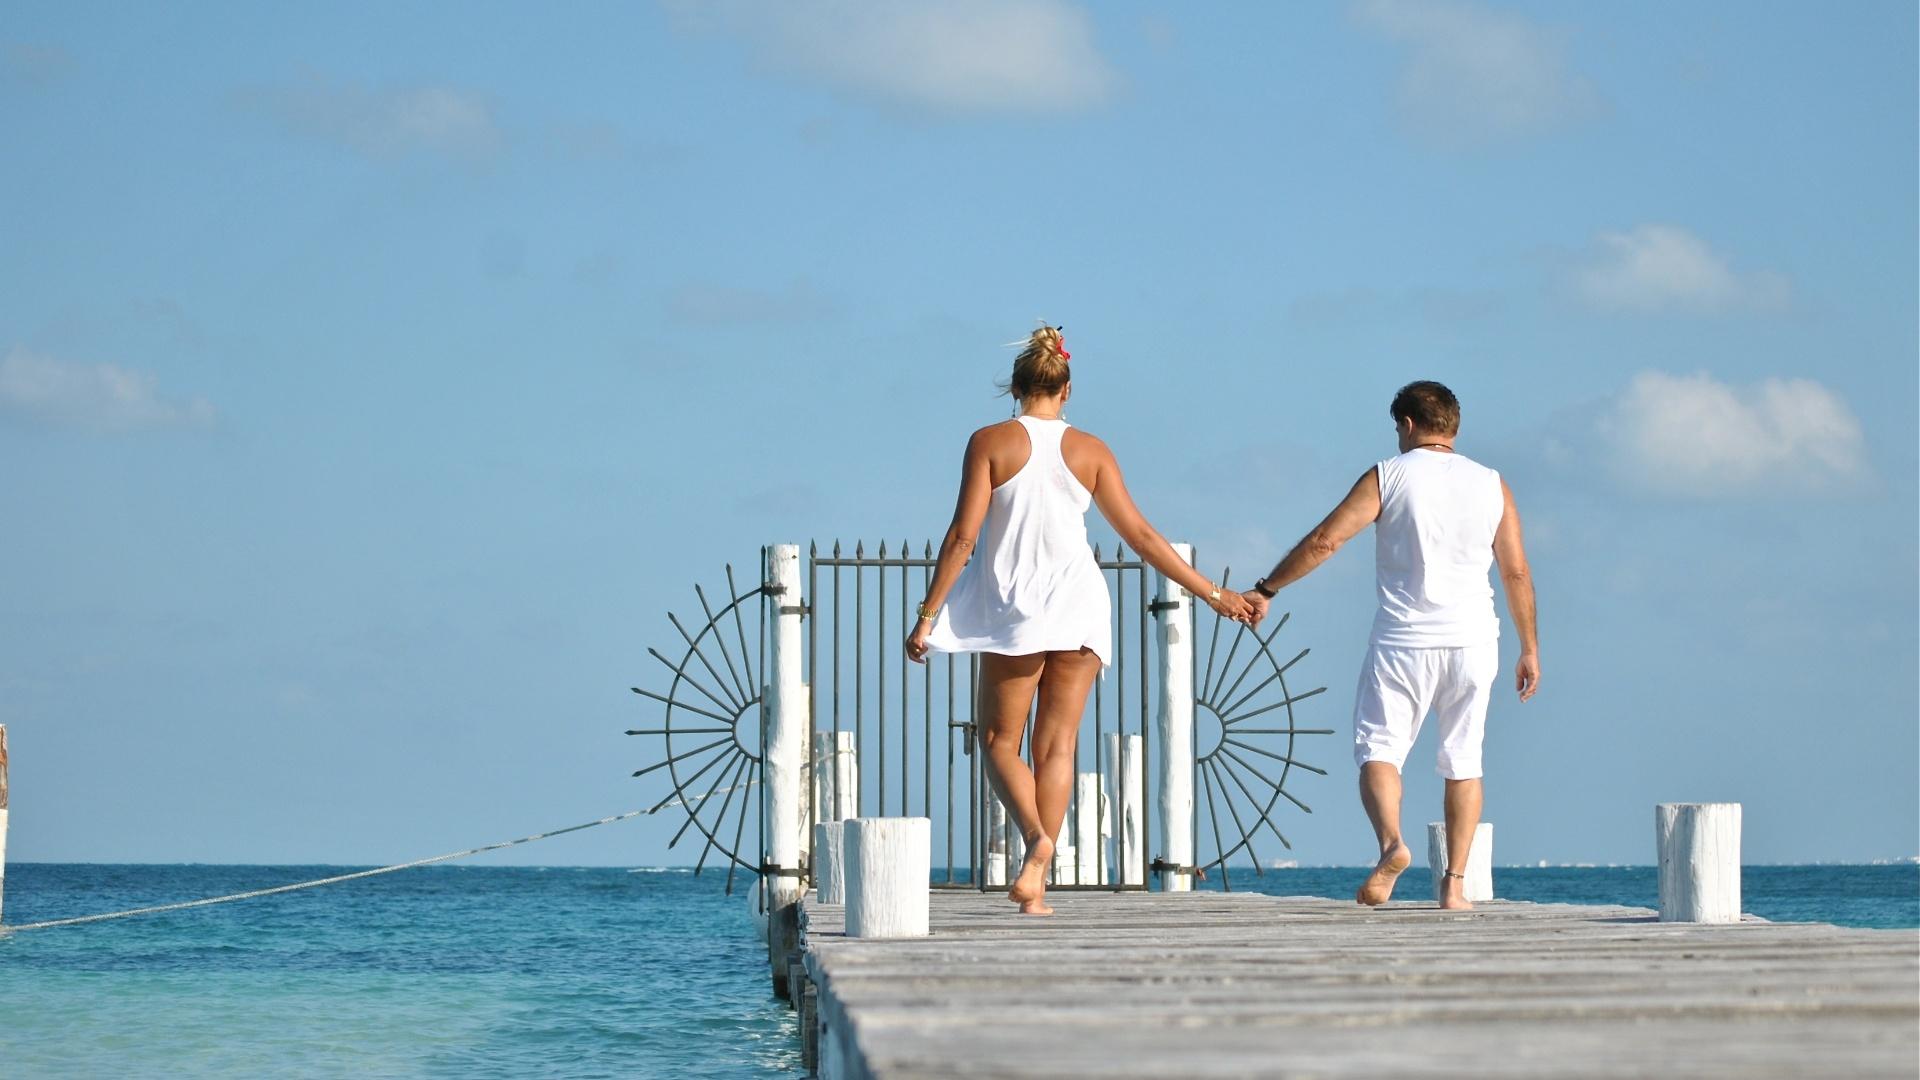 11.jan.2013 - Ângela Bismarchi e o marido, Wagner de Moraes, passaram a lua de mel em Cancún, México. A modelo e o cirurgião plástico se casaram em dezembro de 2012 após oito anos de união